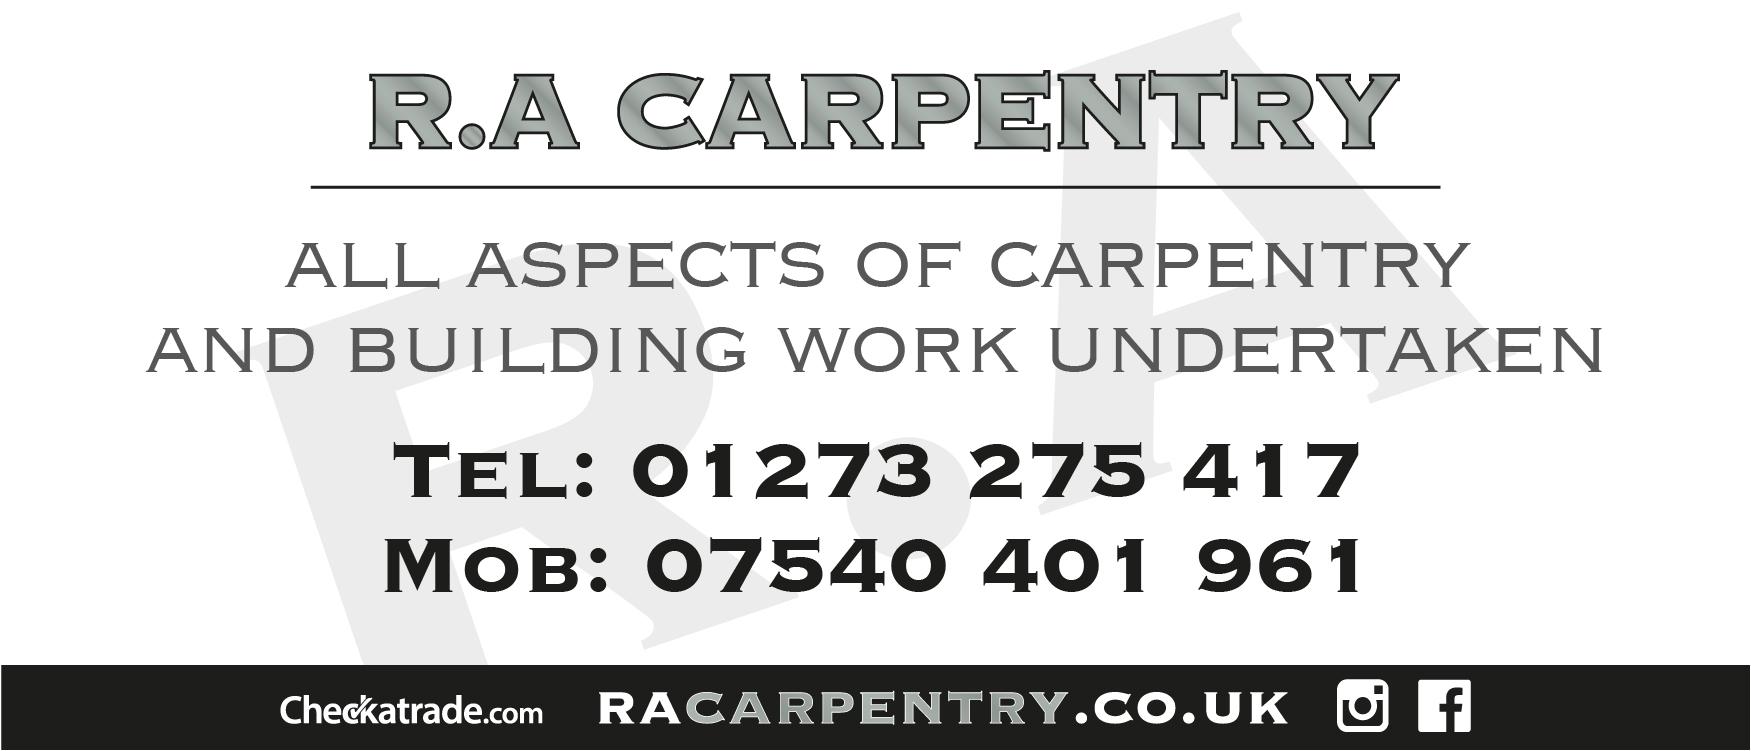 R.A Carpentry